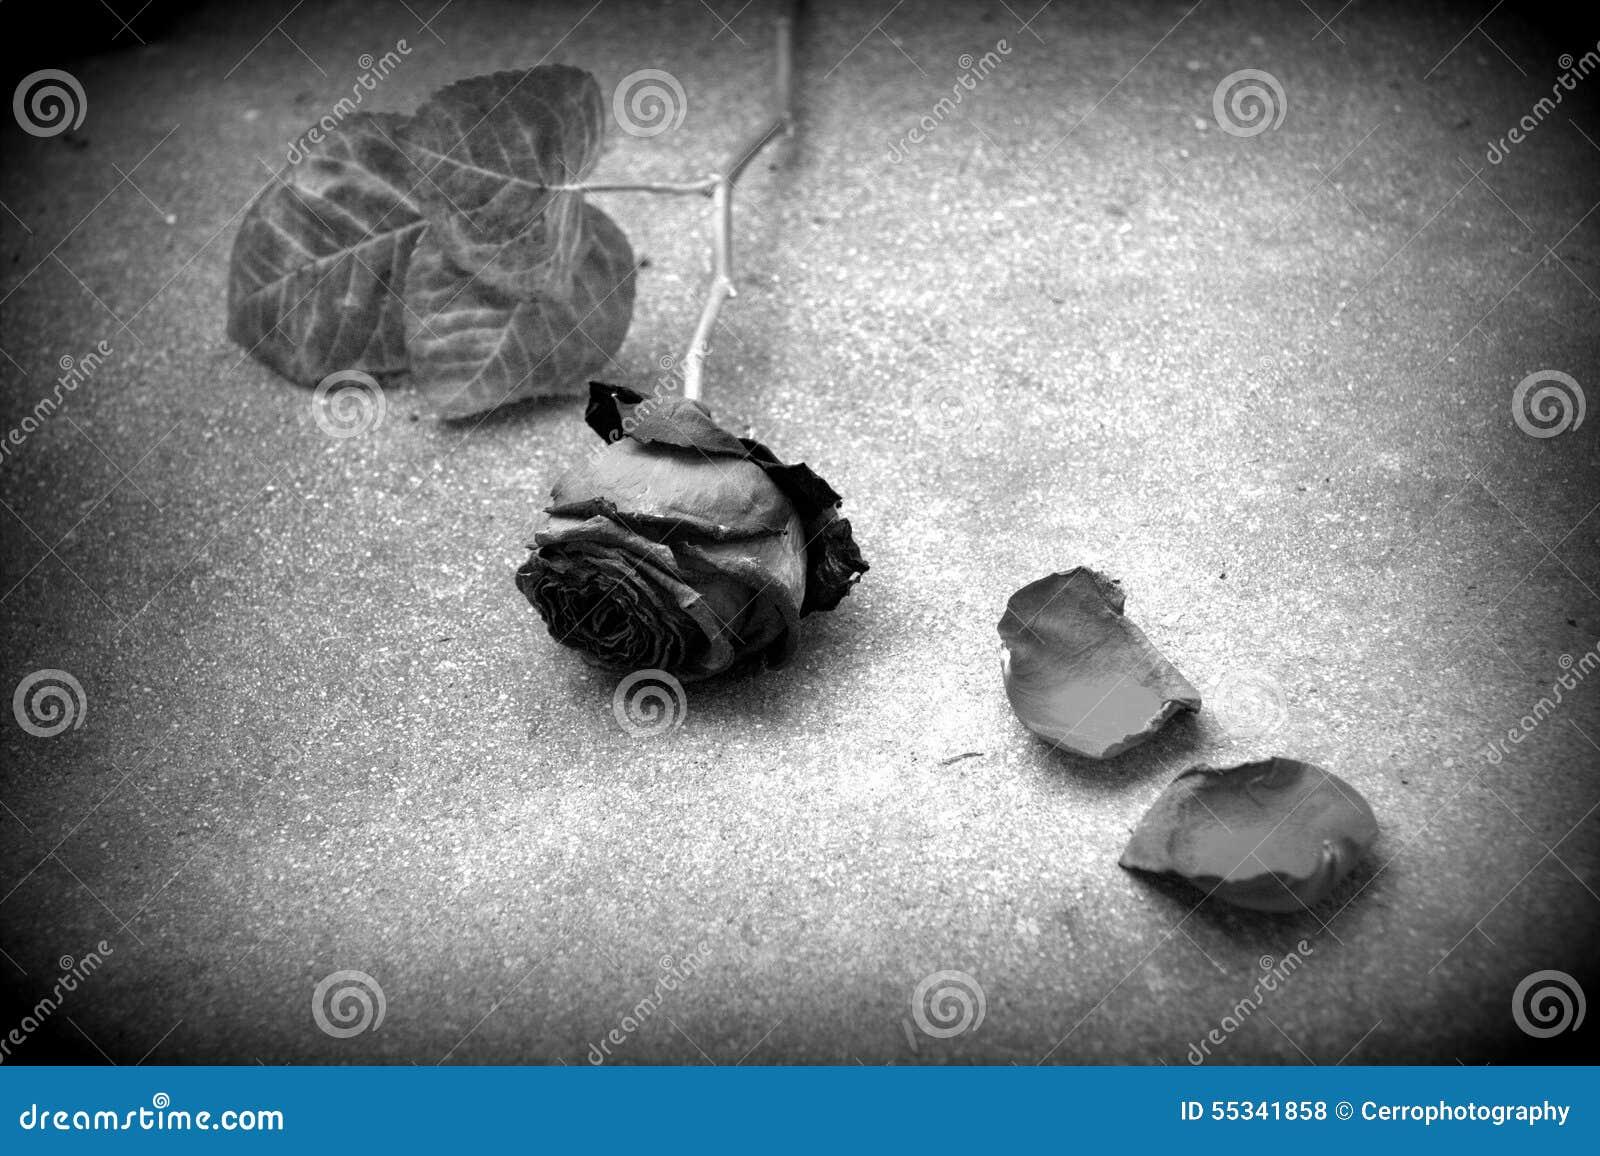 amour perdu noir et blanc photo stock image du loisirs 55341858. Black Bedroom Furniture Sets. Home Design Ideas